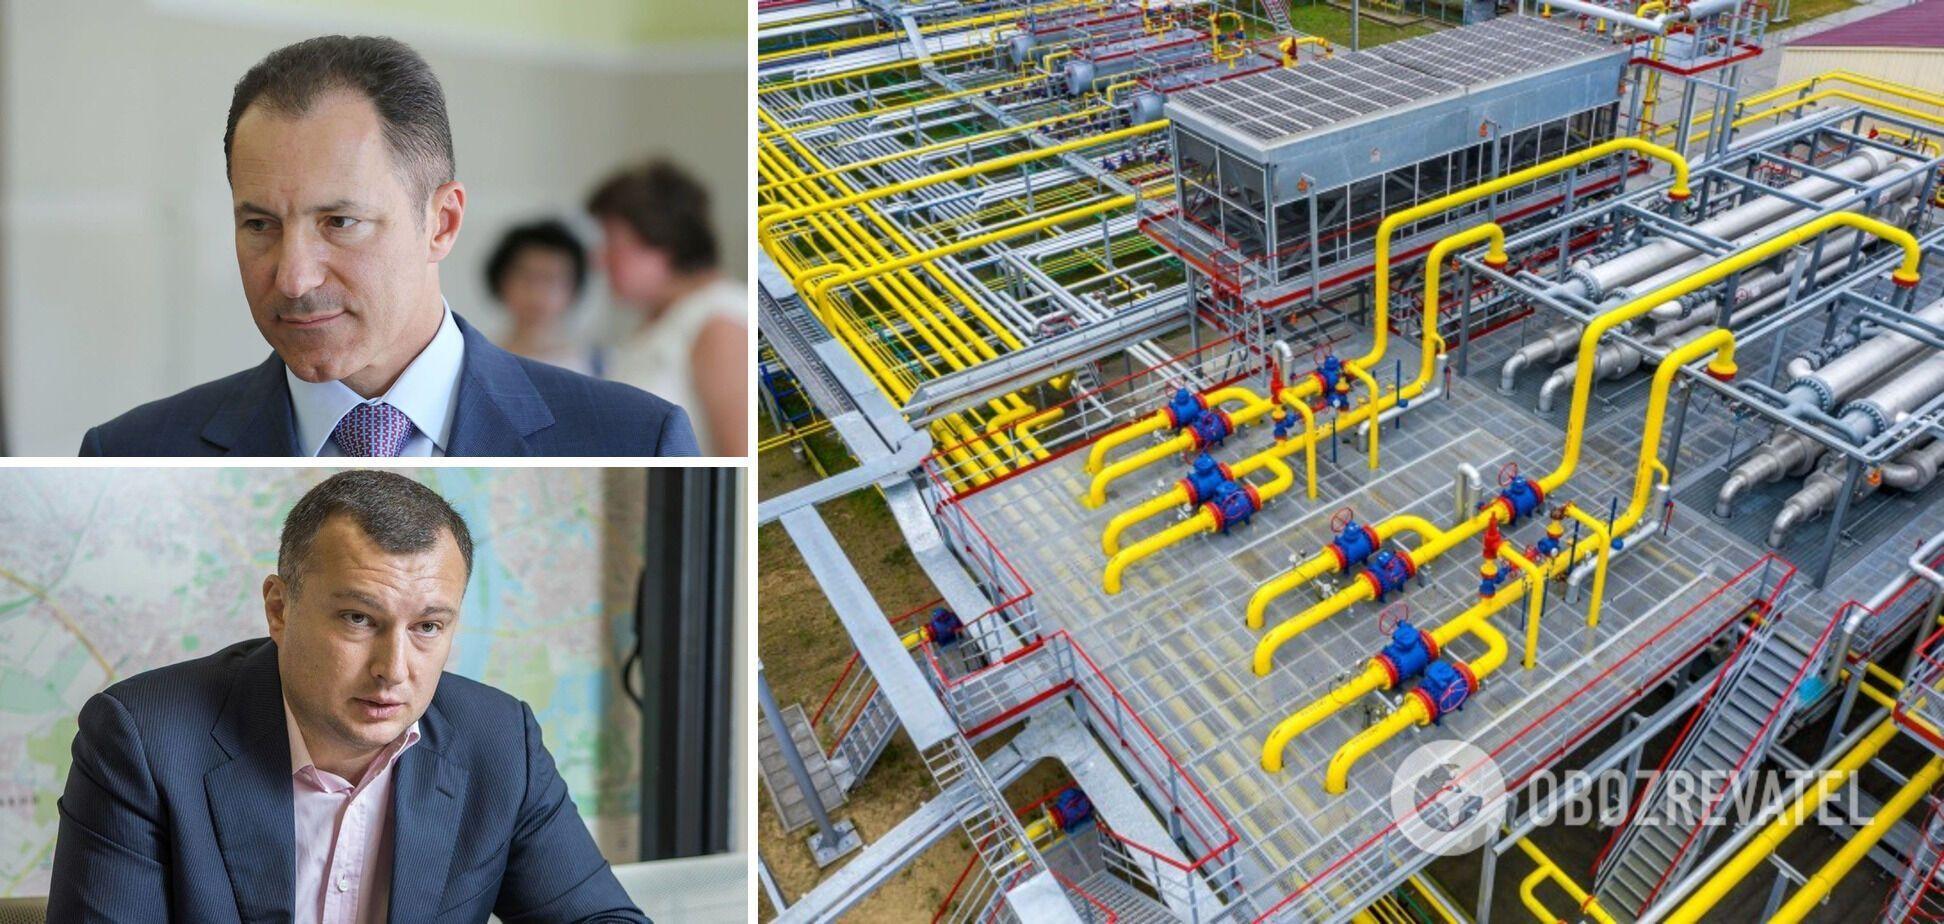 Рудьковський звинуватив Семінського у виведенні грошей 'Нафтогазвидобування' через фірми-прокладки